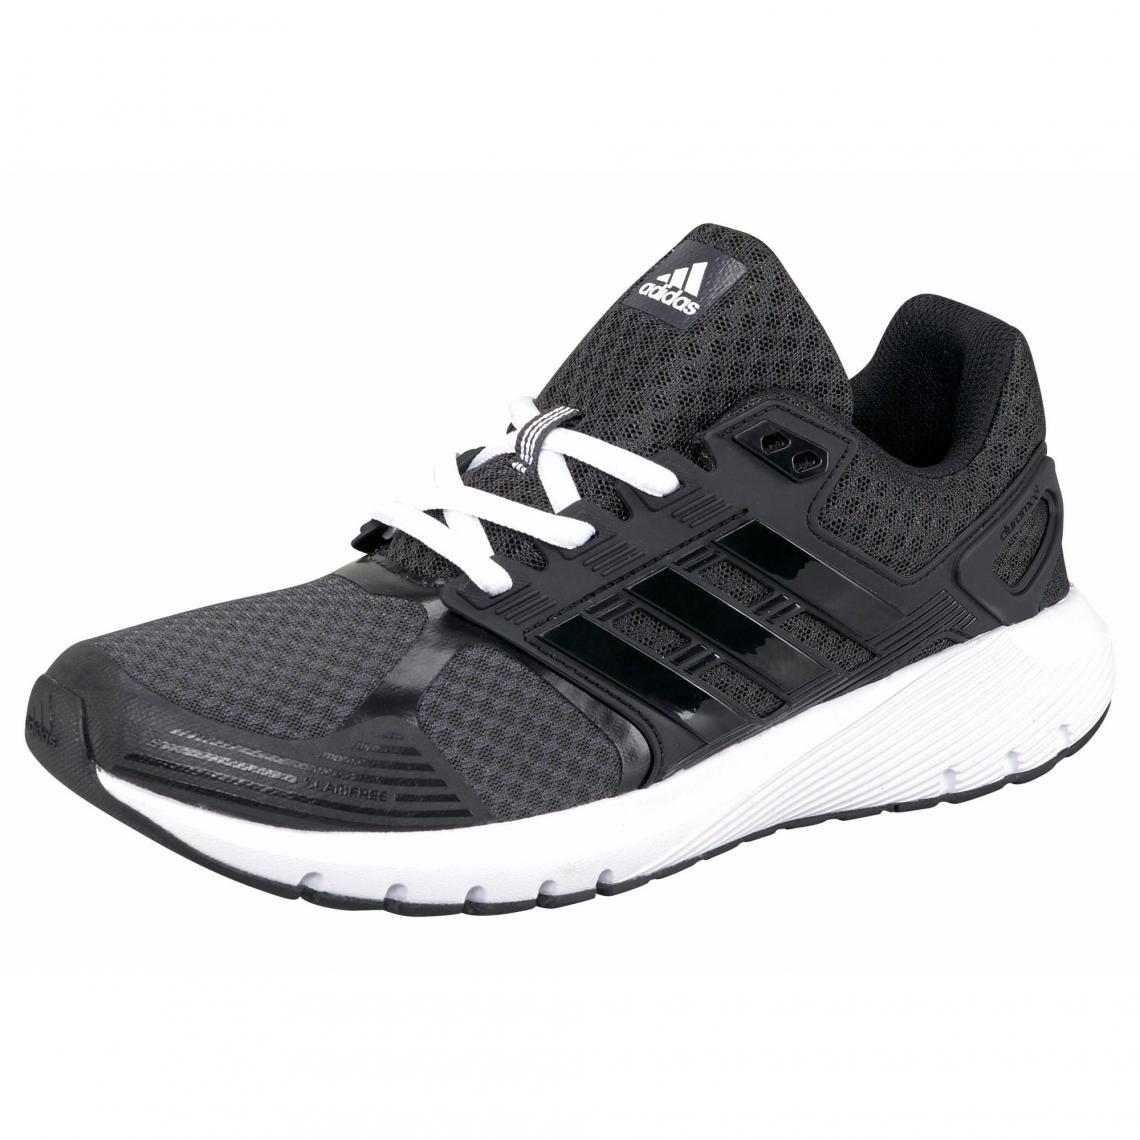 adidas Performance Duramo 8 chaussures de running femme